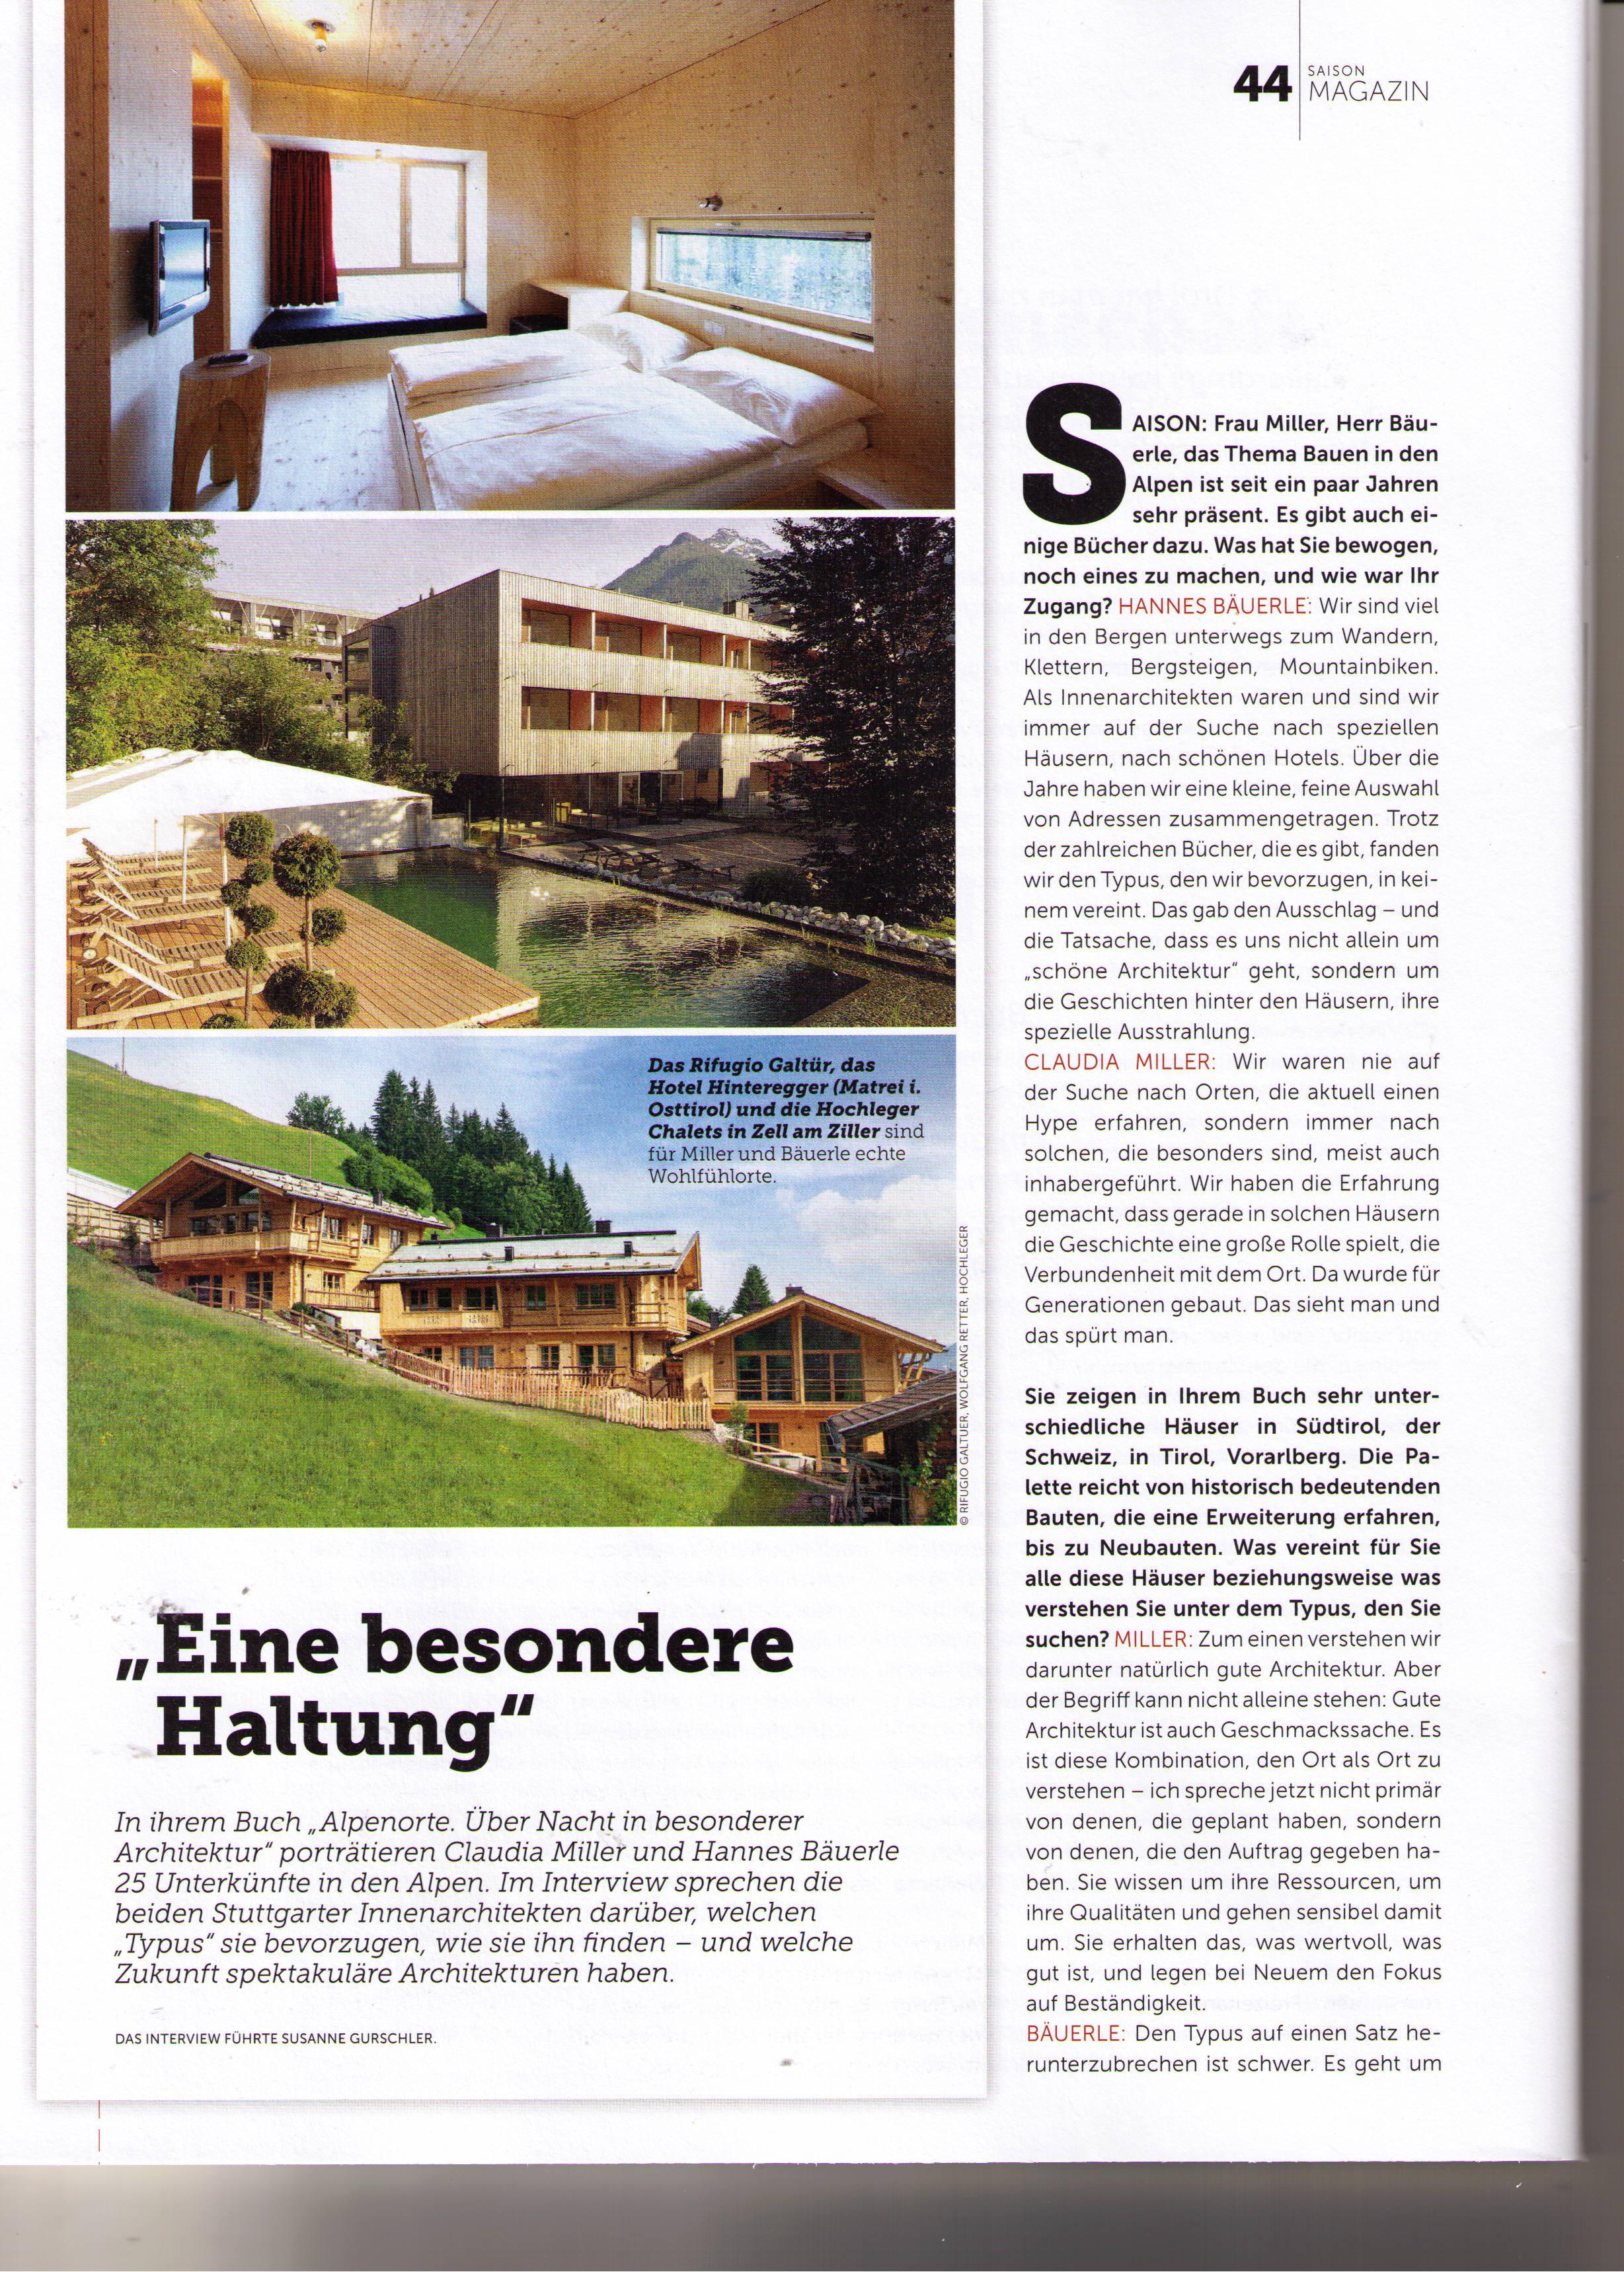 Bemerkenswert Innenarchitekten Stuttgart Ideen Von Dort Findet Man Seit 2007 Hotels Und